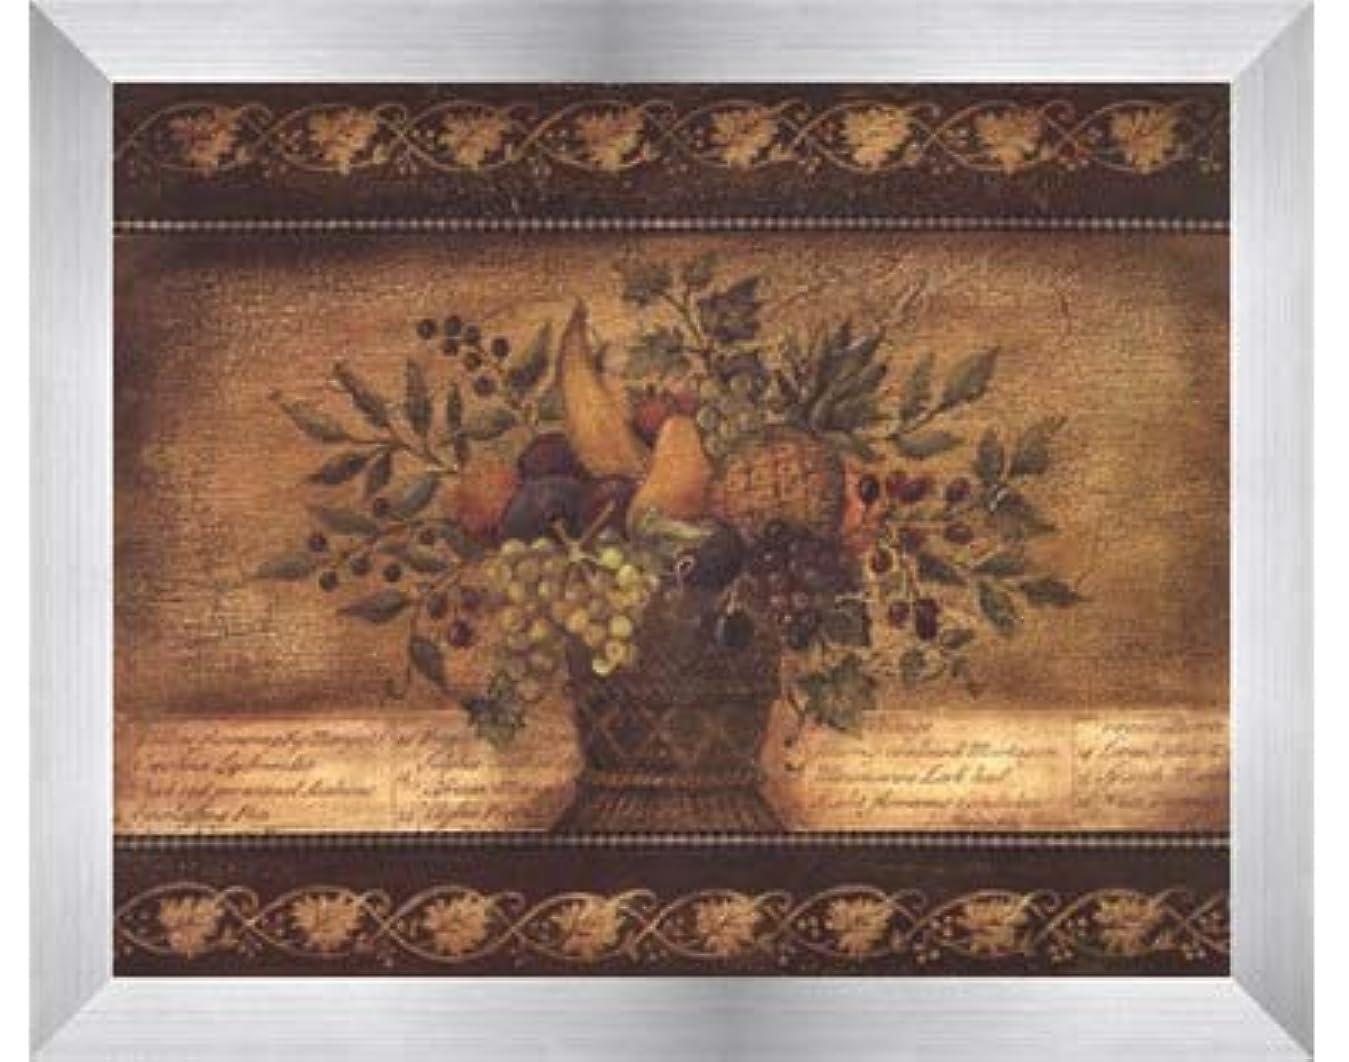 私たちのもの病んでいるワゴンOld World Abundance I by Kimberly Poloson – 10 x 8インチ – アートプリントポスター LE_112347-F9935-10x8